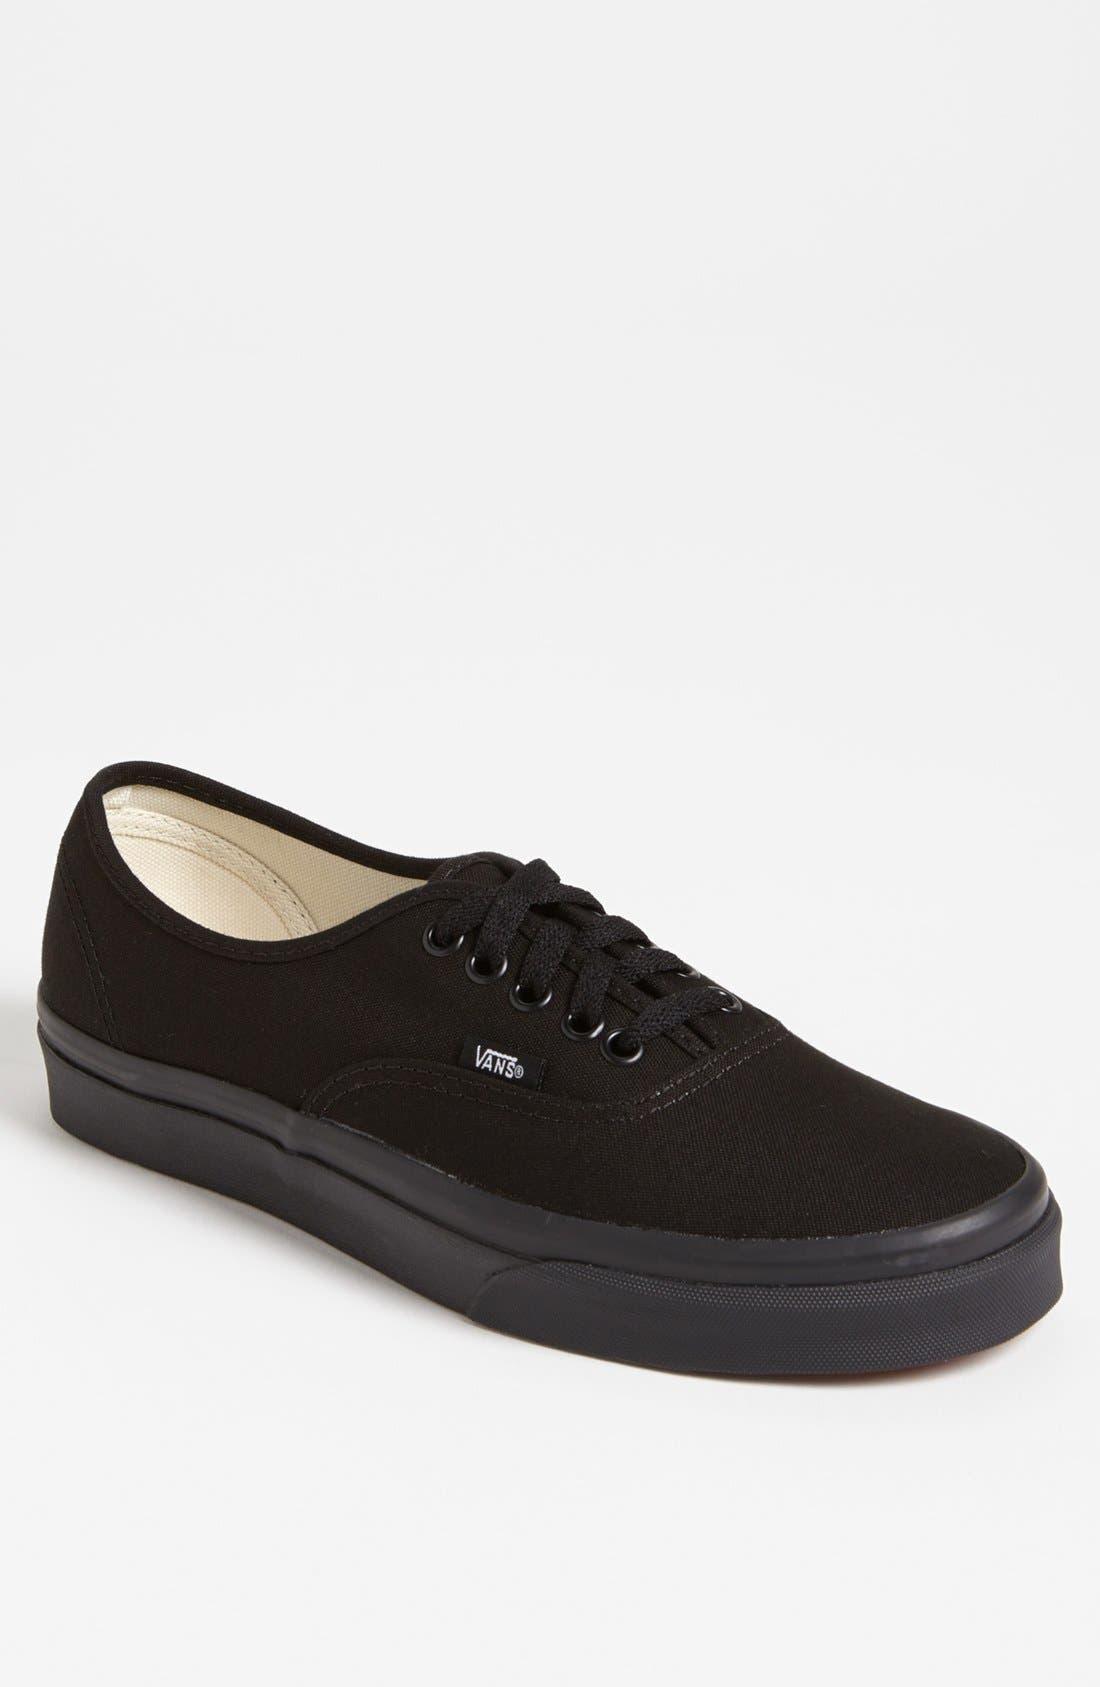 VANS 'Authentic' Sneaker, Main, color, BLACK/ BLACK